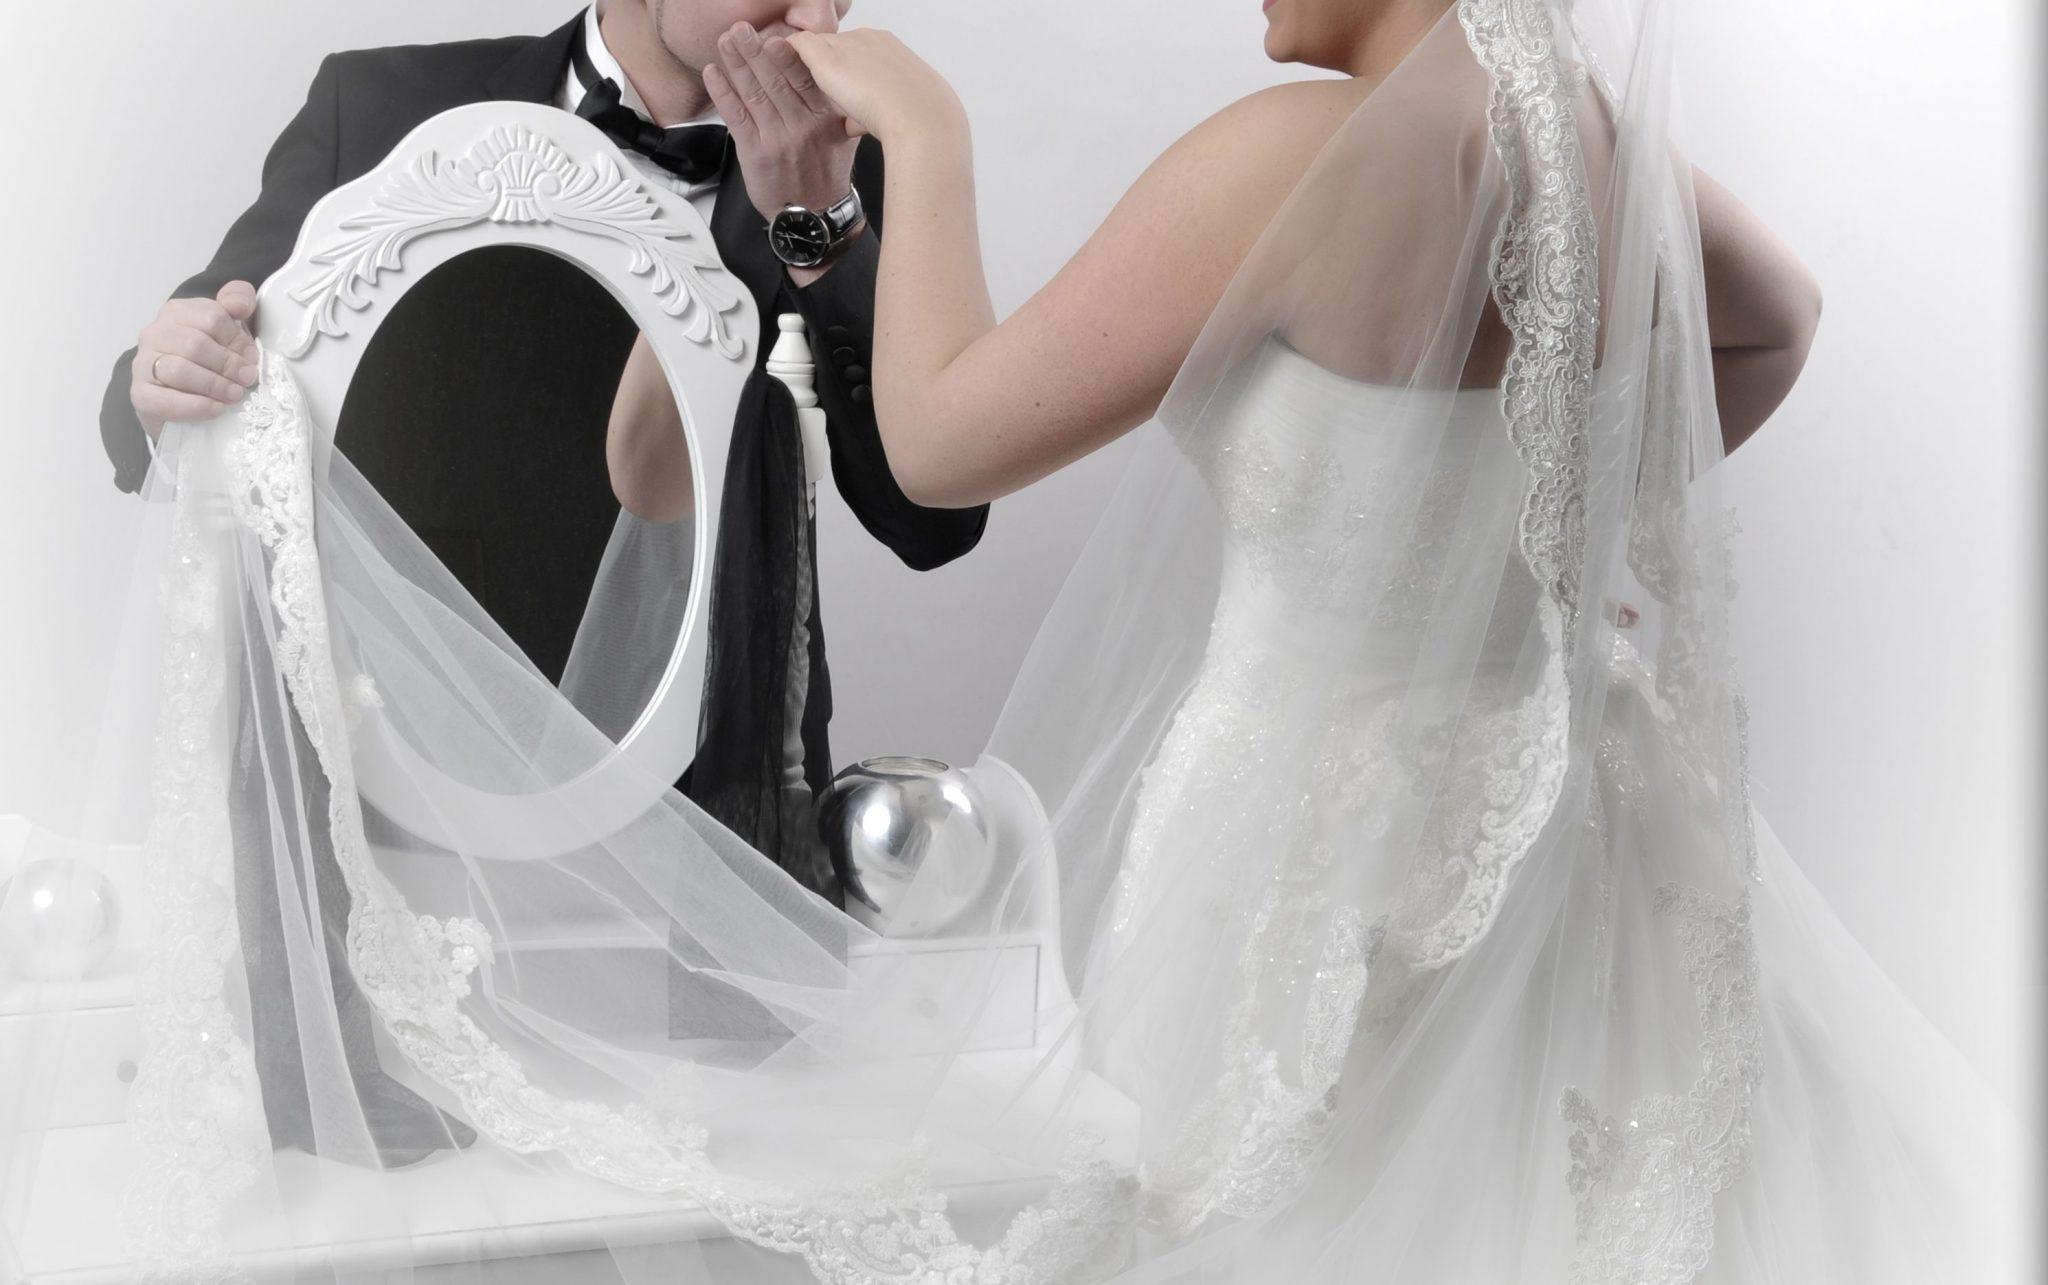 Brautkleid In Der Türkei/istanbul Kaufen: Türkisches